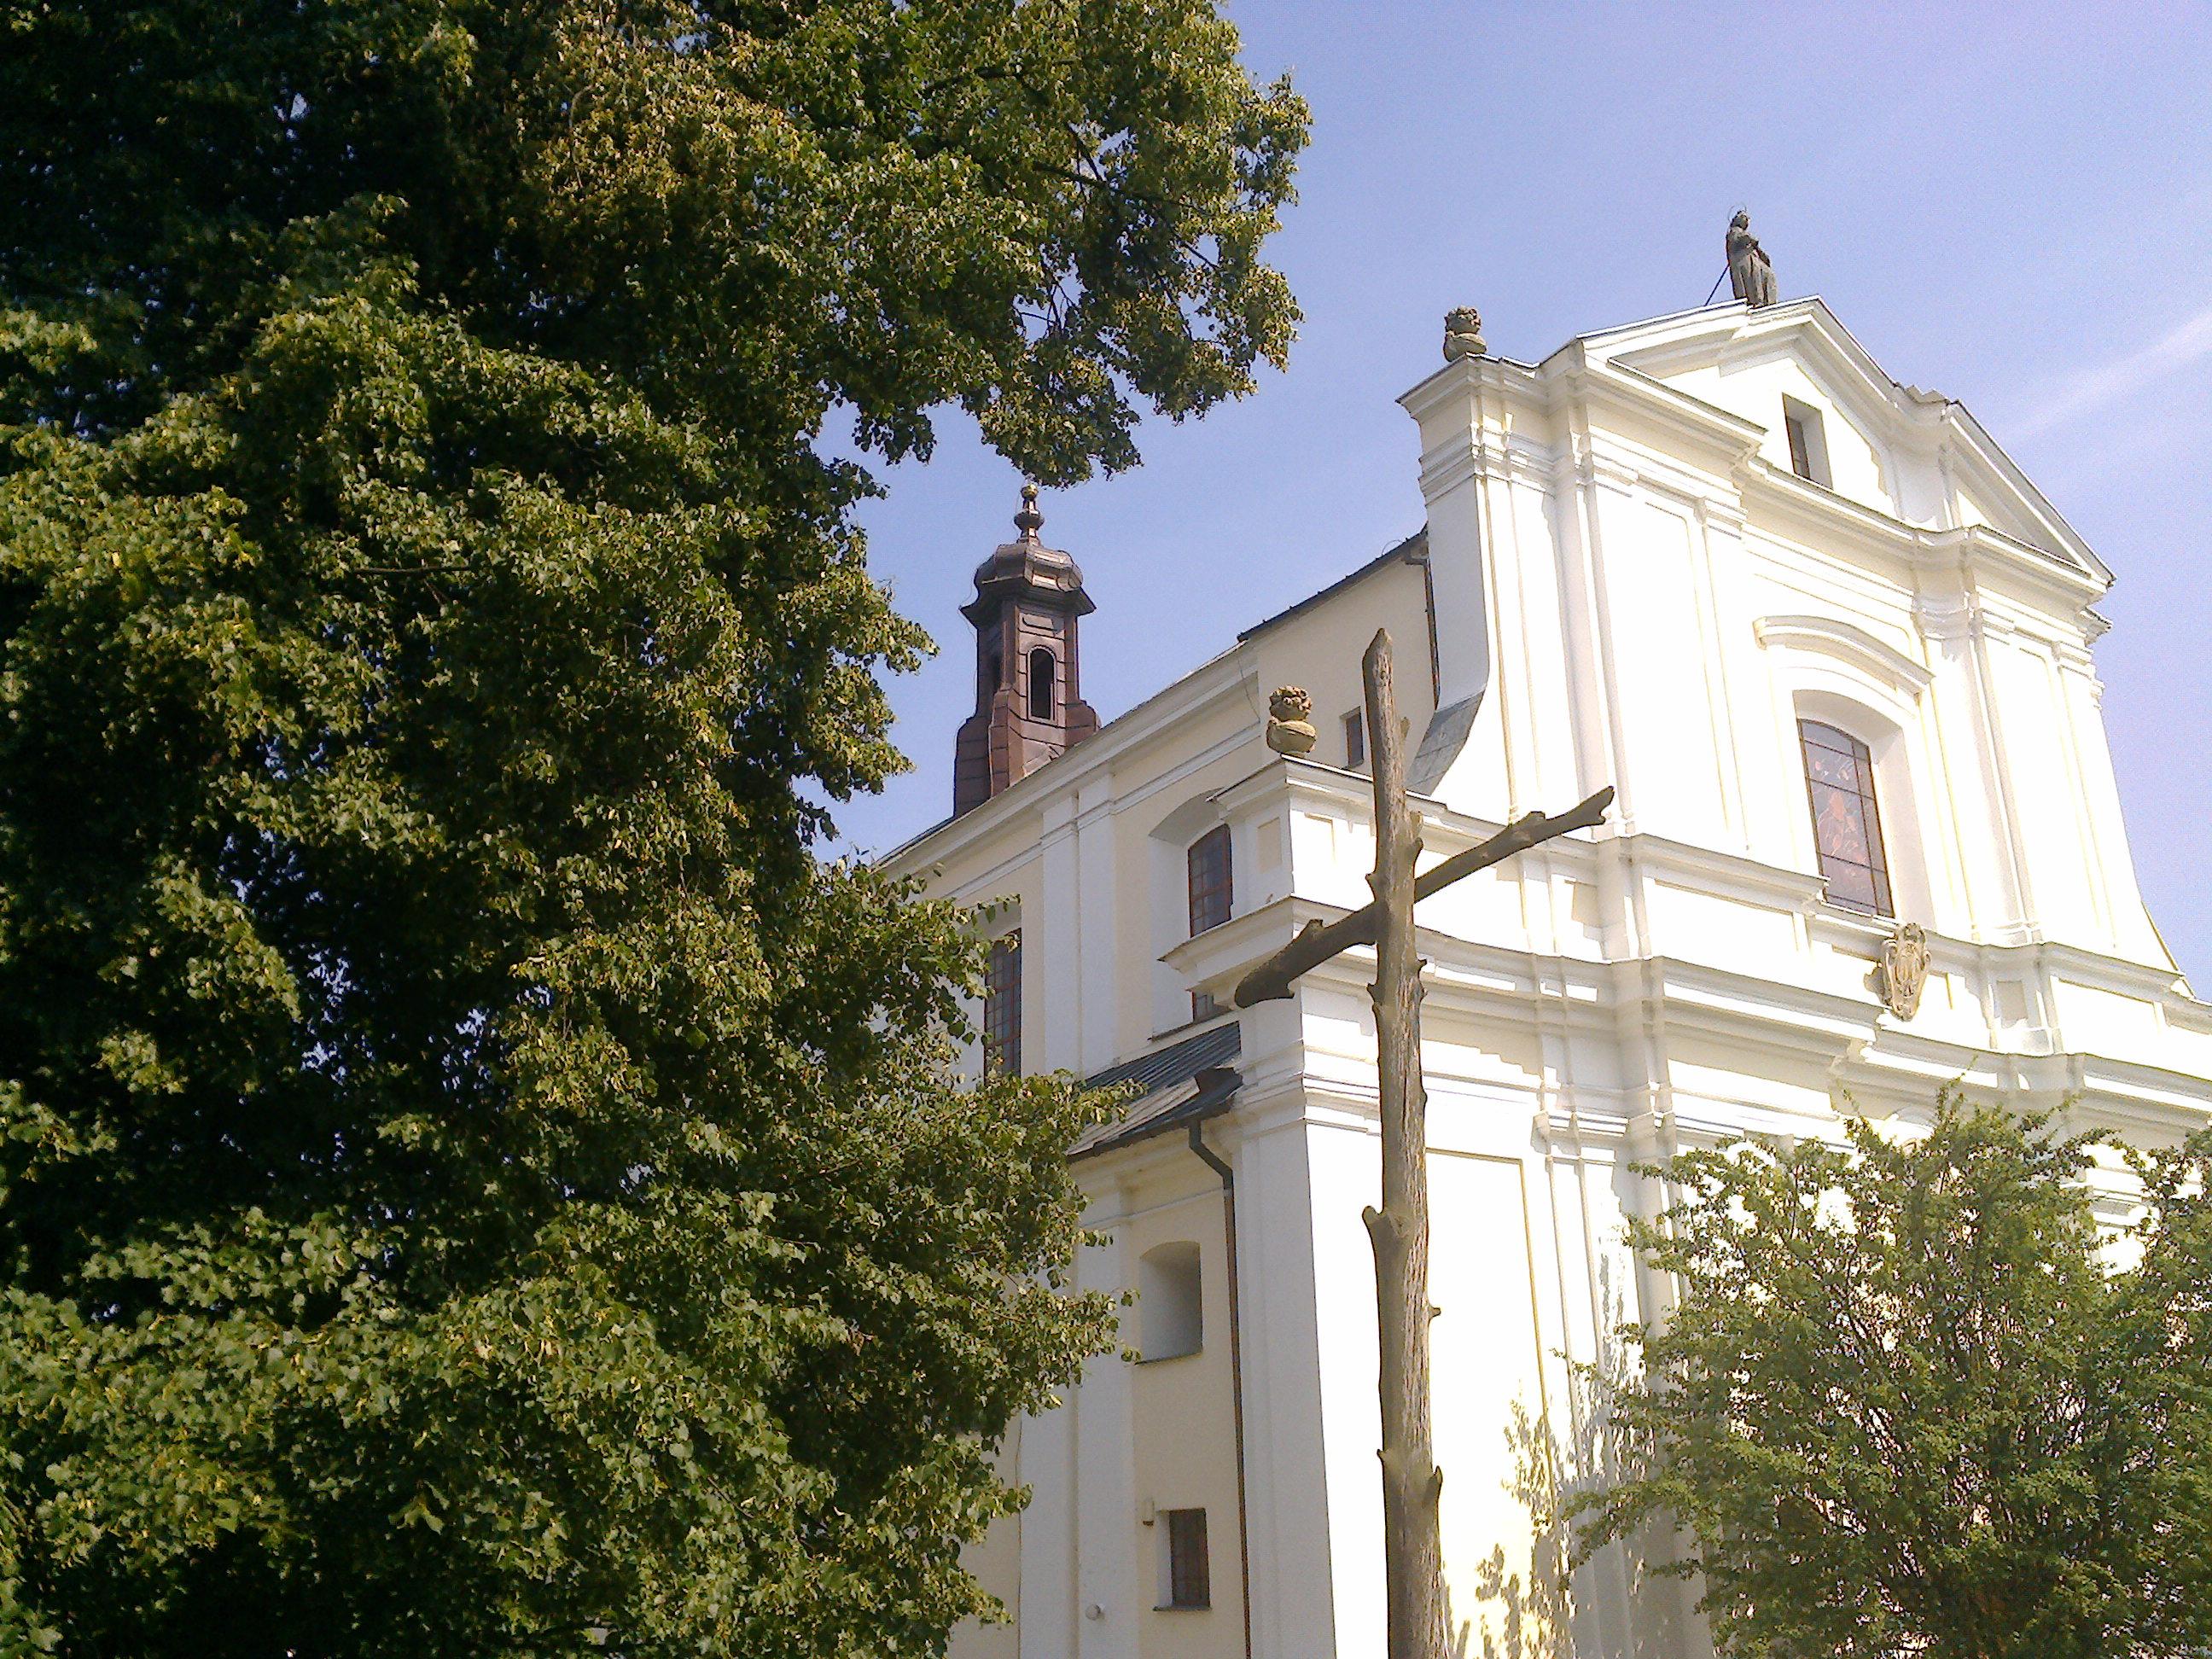 Kościół Trójcy Przenajświętszej w Ciechanowcu. Fot. ks. Łukasz Borzęcki